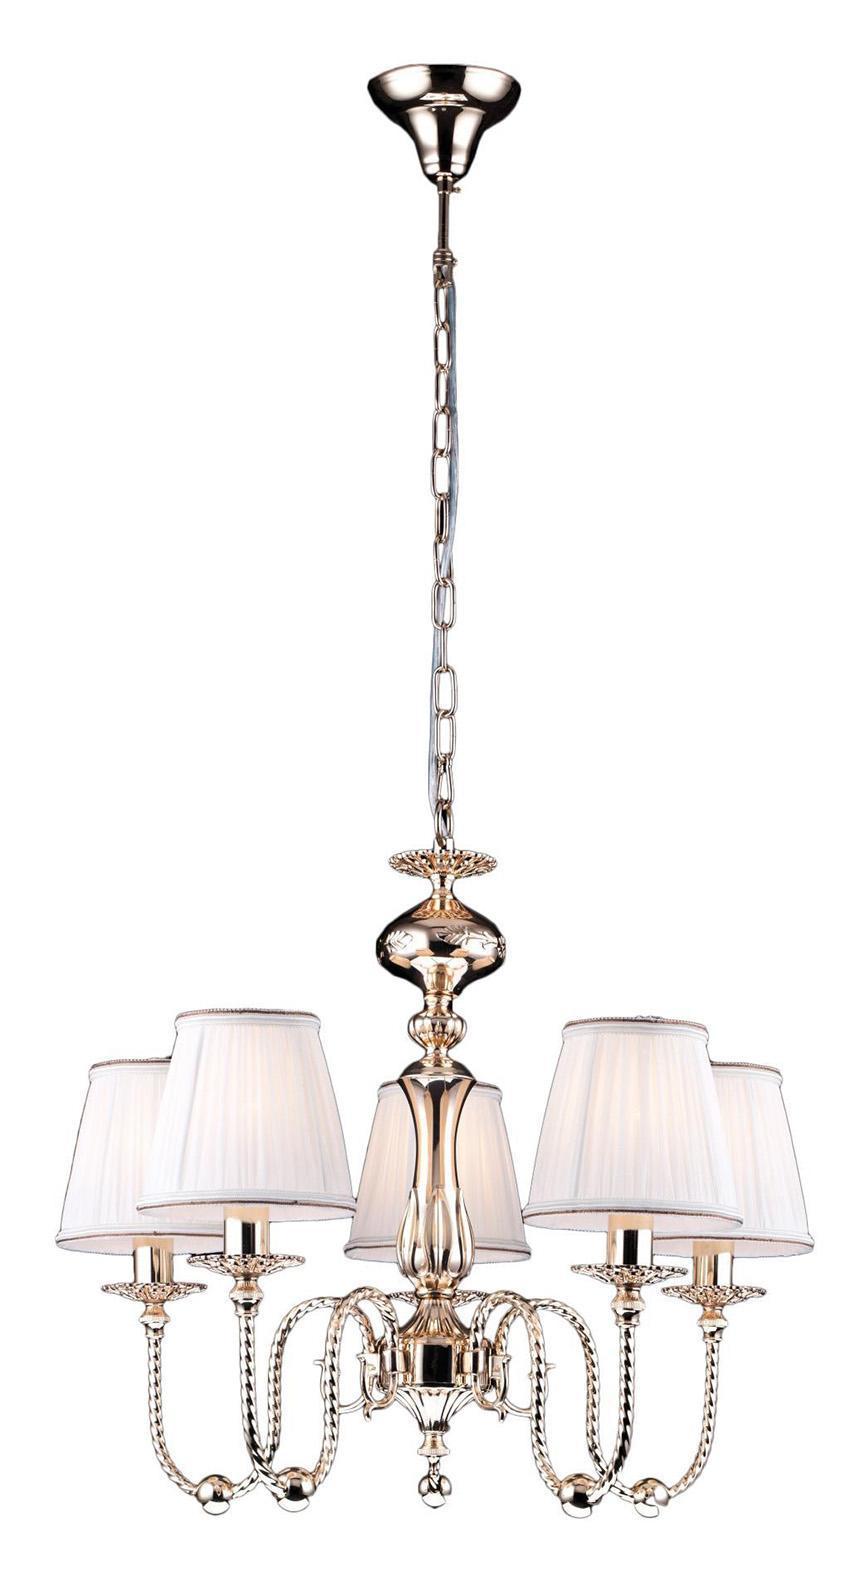 Люстра Arte lampЛюстры<br>Назначение светильника: для гостиной,<br>Стиль светильника: классика,<br>Тип: подвесная,<br>Материал светильника: металл, ткань,<br>Материал плафона: ткань,<br>Материал арматуры: металл,<br>Диаметр: 600,<br>Высота: 520,<br>Количество ламп: 5,<br>Тип лампы: накаливания,<br>Мощность: 300,<br>Патрон: Е14,<br>Цвет арматуры: золото<br>